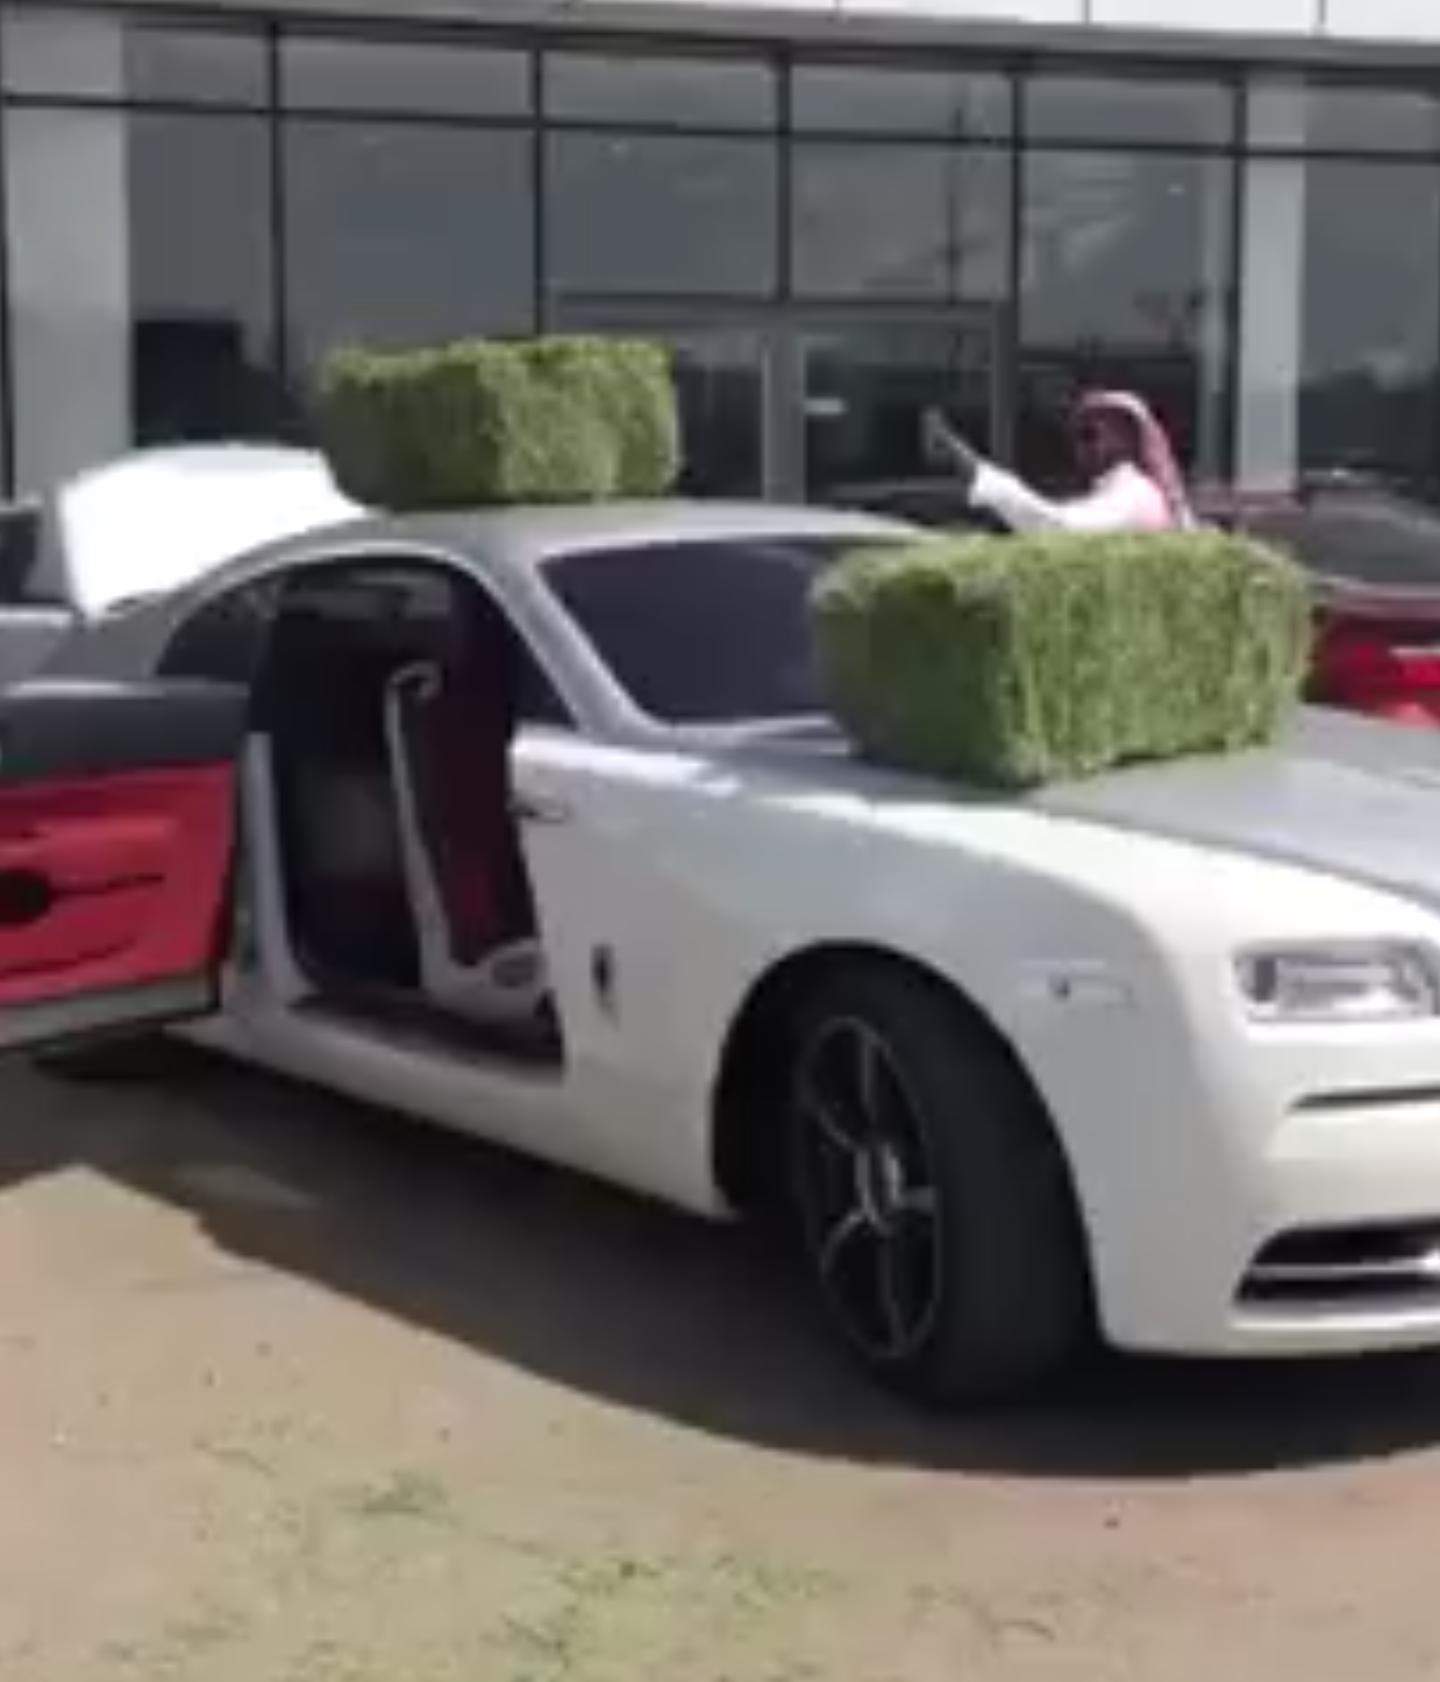 فيديو الامير منصور آل سعود يوقف سيارته الروز رايز أمام الوكالة ويضع عليه أعلاف تعبيرا عن سوء الخدمة